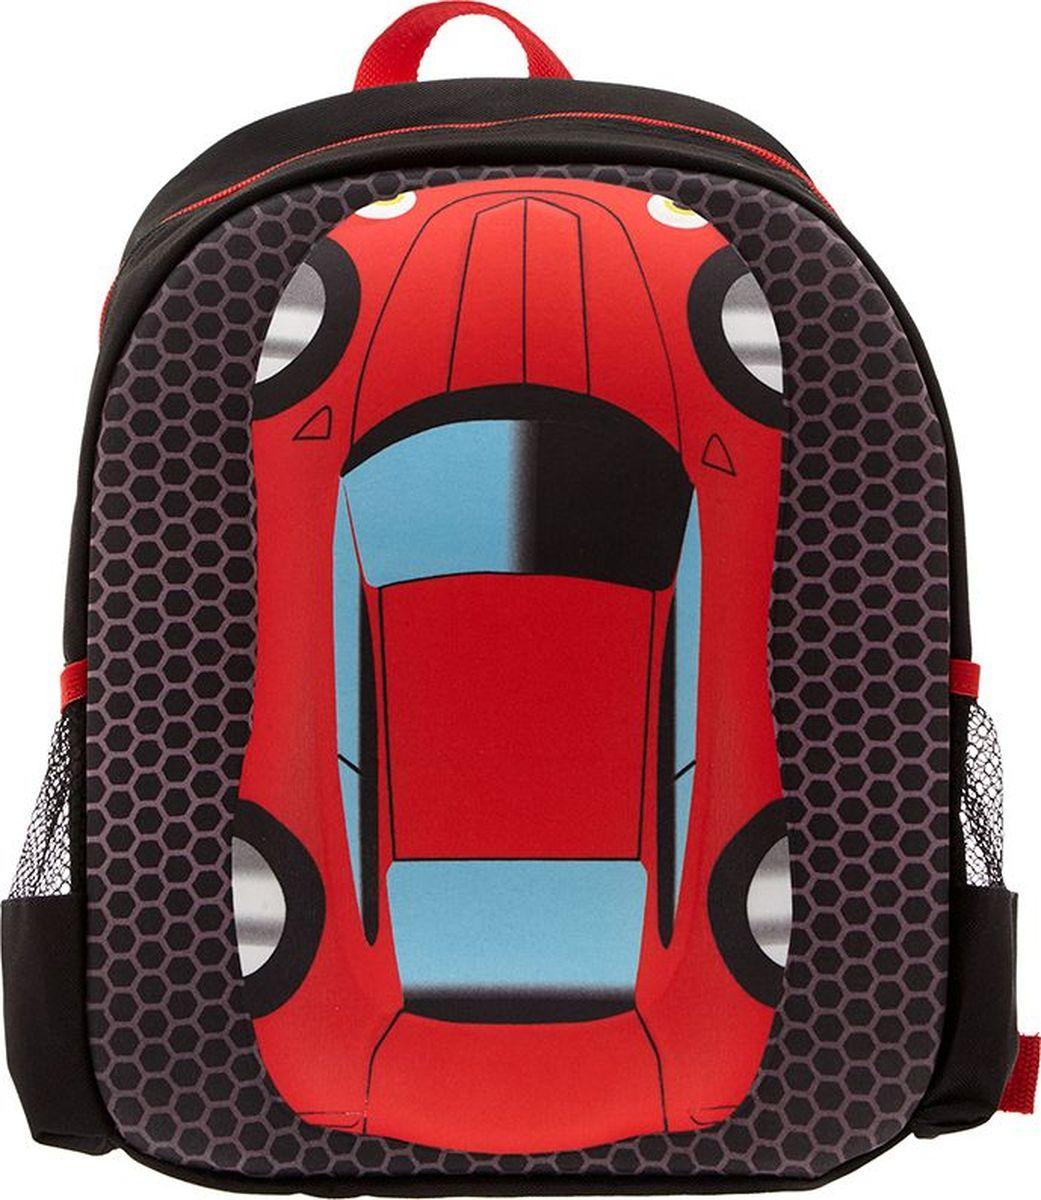 3D Bags Рюкзак детский Машина72523WDИдеально подходят для хранения важных и необходимых вещей, которые так необходимы маленьким героям на детской площадке, во время прогулки или на пикнике. Сделан из прочного, износоустойчивого полиэстера. Просторный внутренний отсек будет очень удобен в использовании. Лицевая сторона рюкзака на прочной основе выполнена в виде объемной машины . Отлично подходит для детей от 2-х до 5-ти лет.